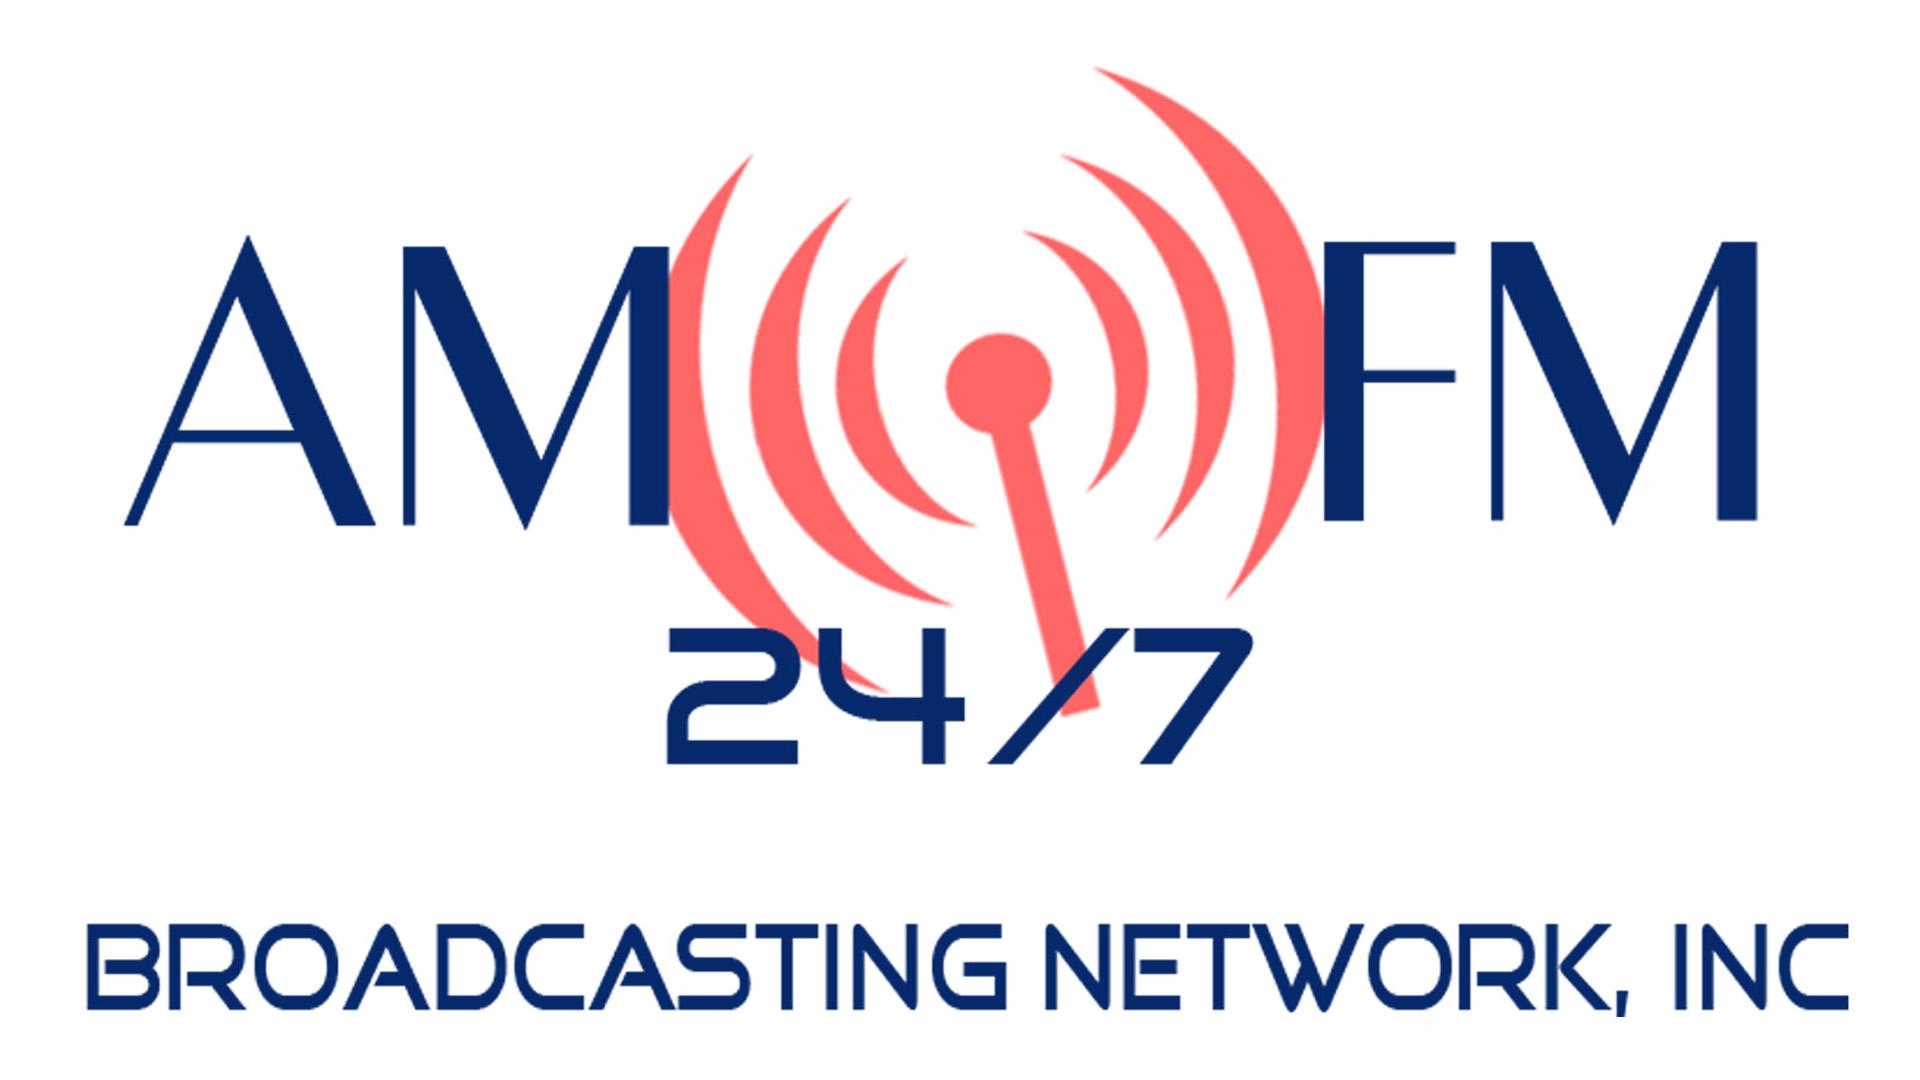 WAMF-DB 94.7 FM